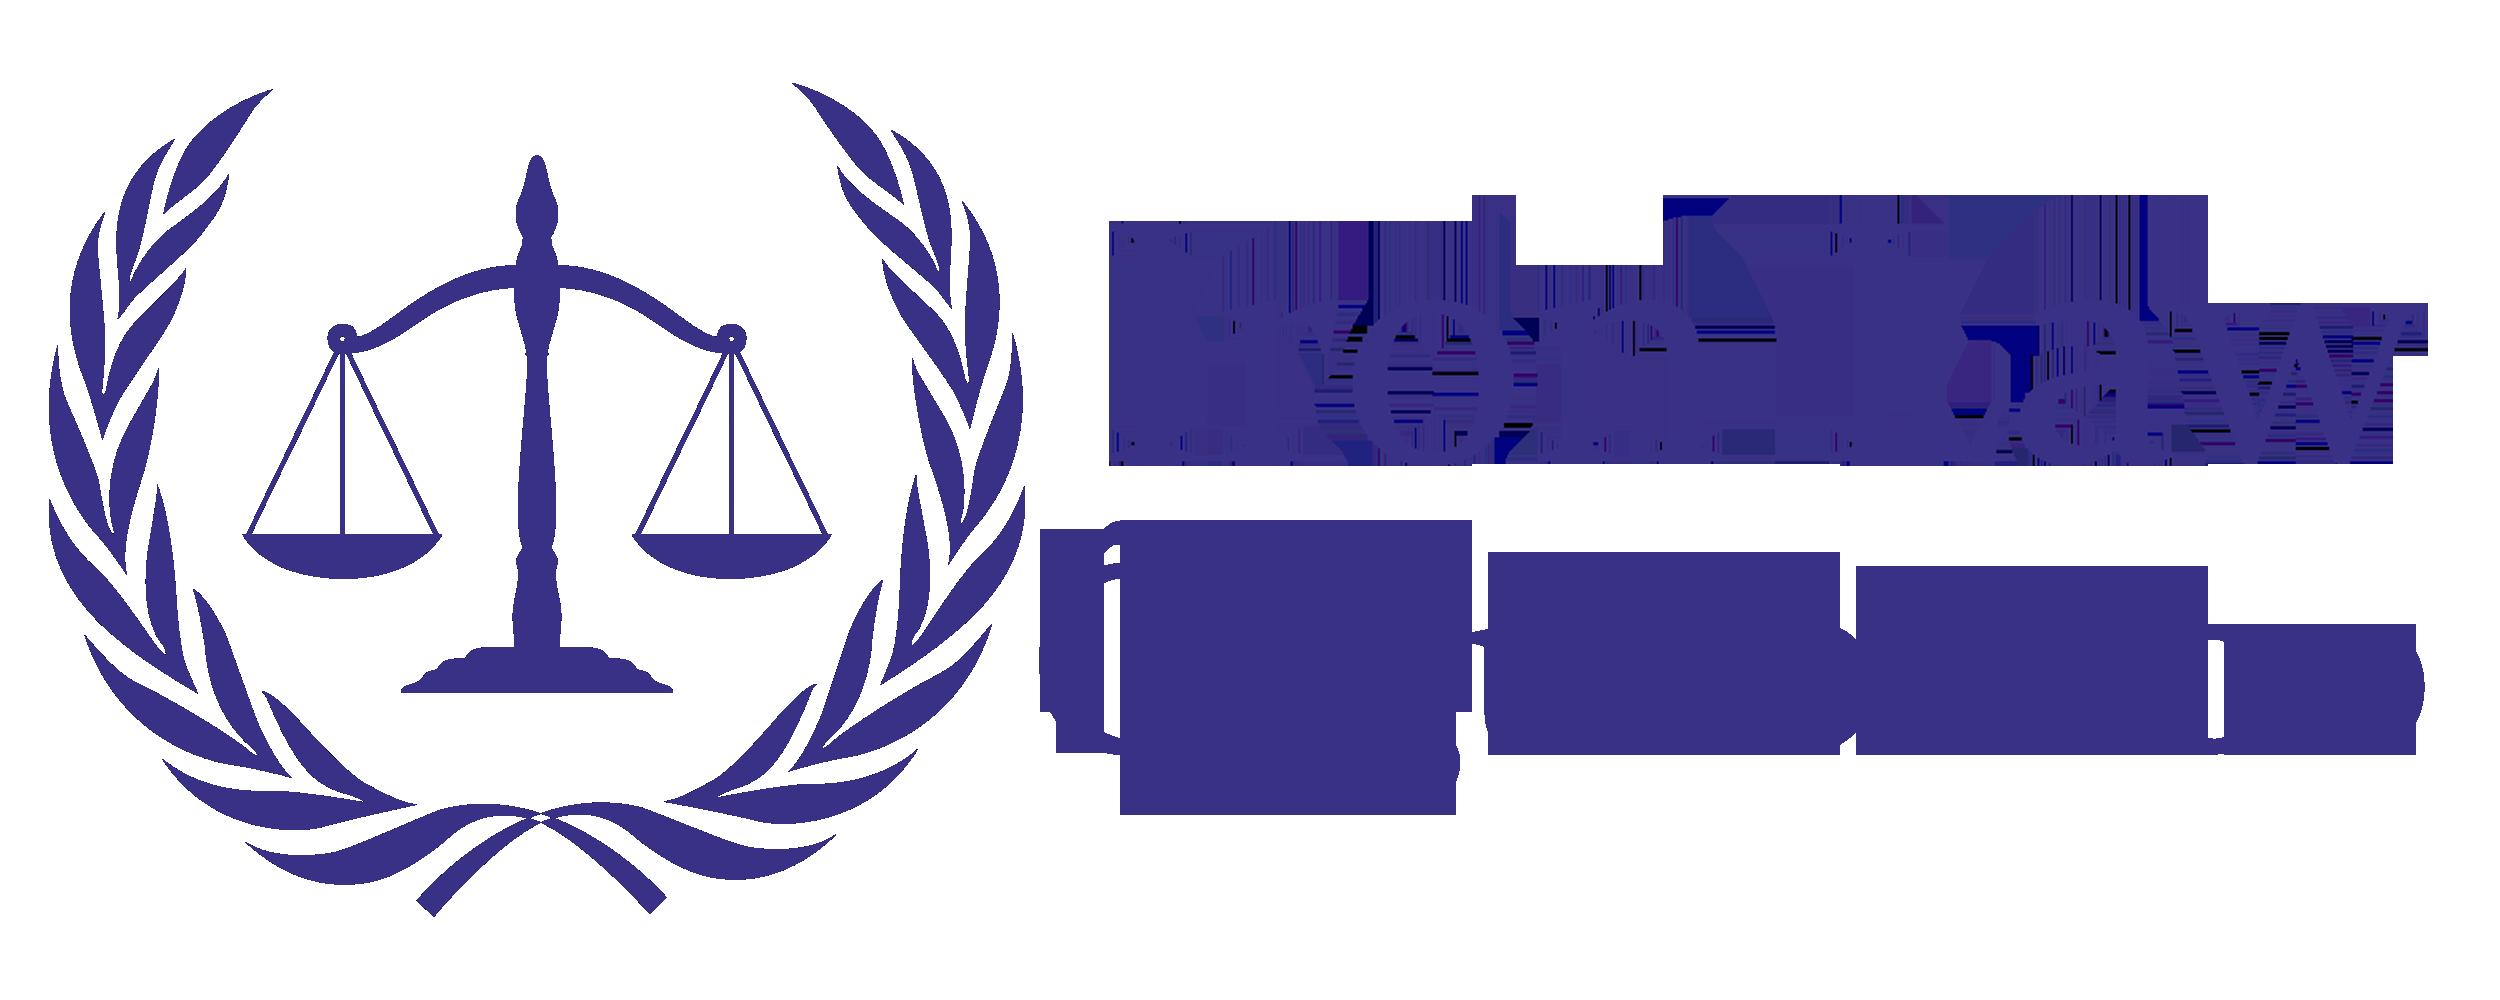 Iron Law